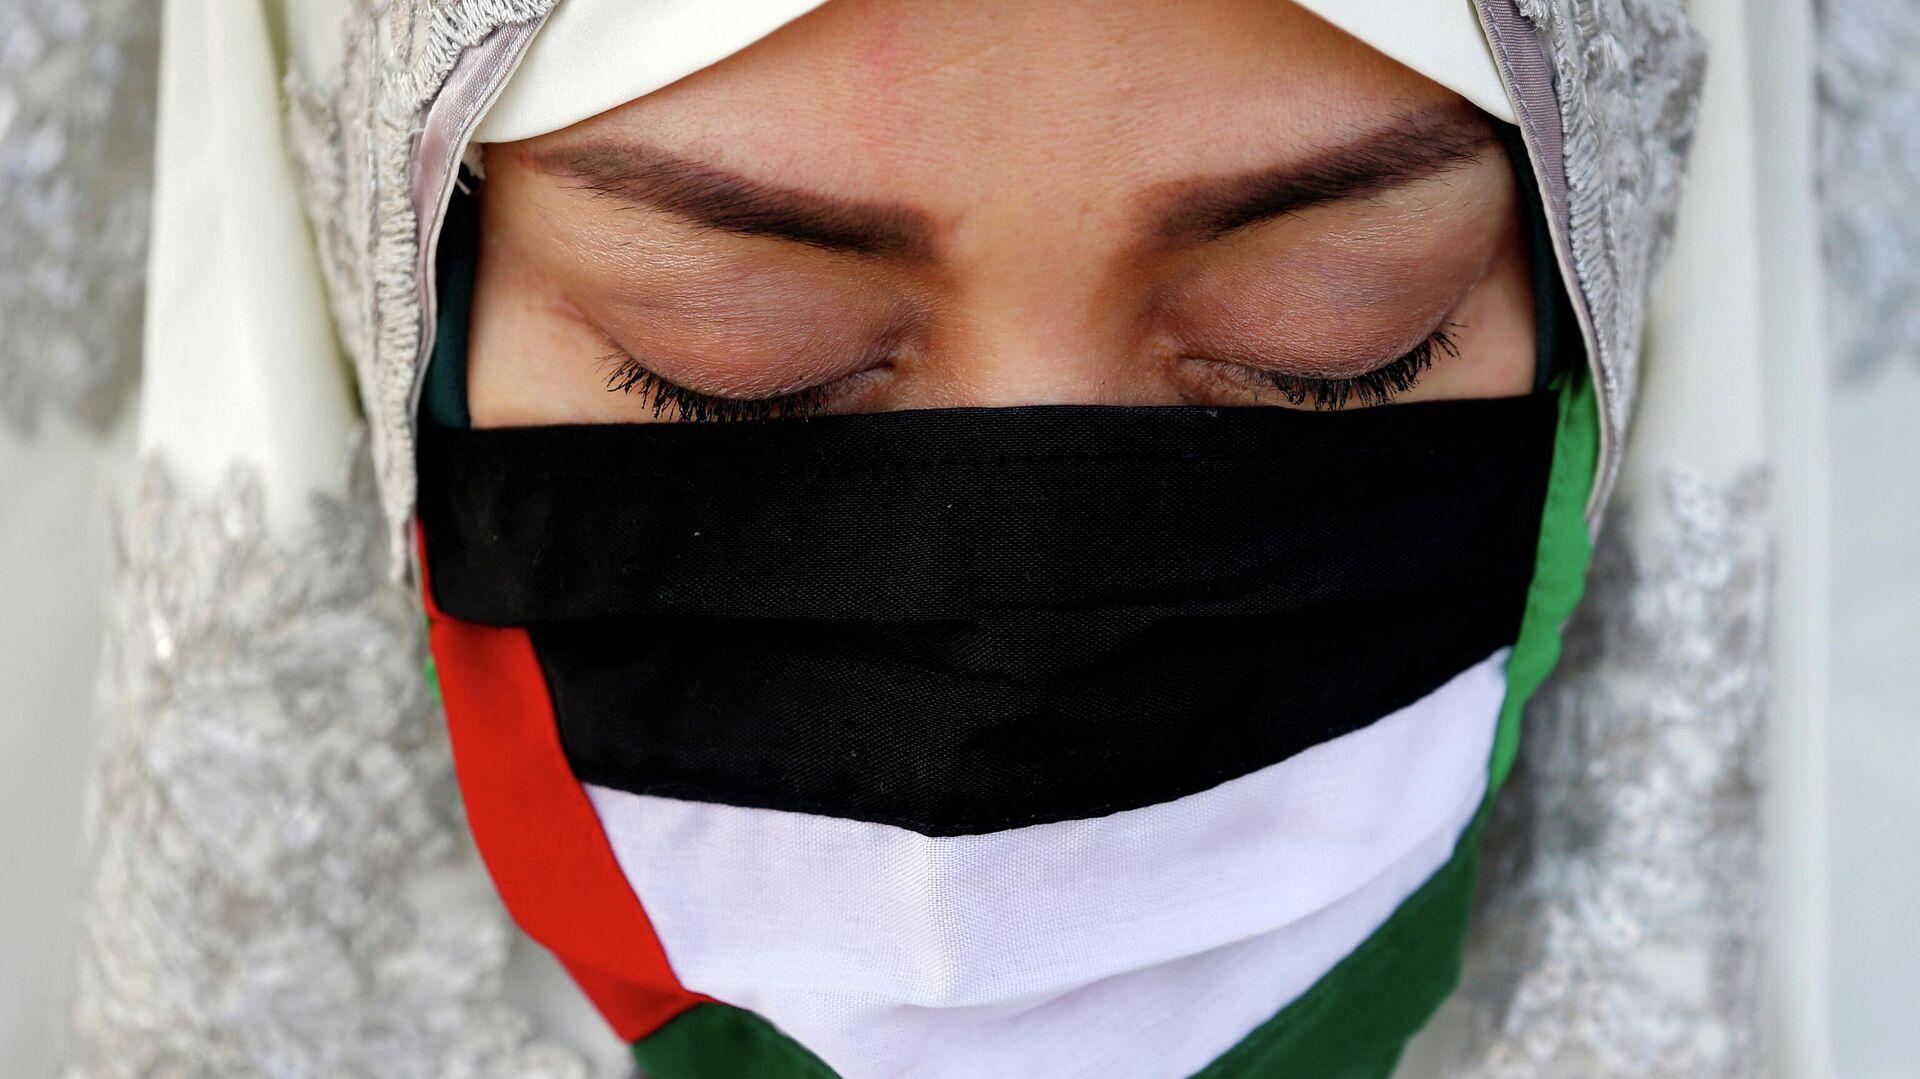 Una mascarilla con los colores de la bandera de Palestina - Sputnik Mundo, 1920, 15.05.2021